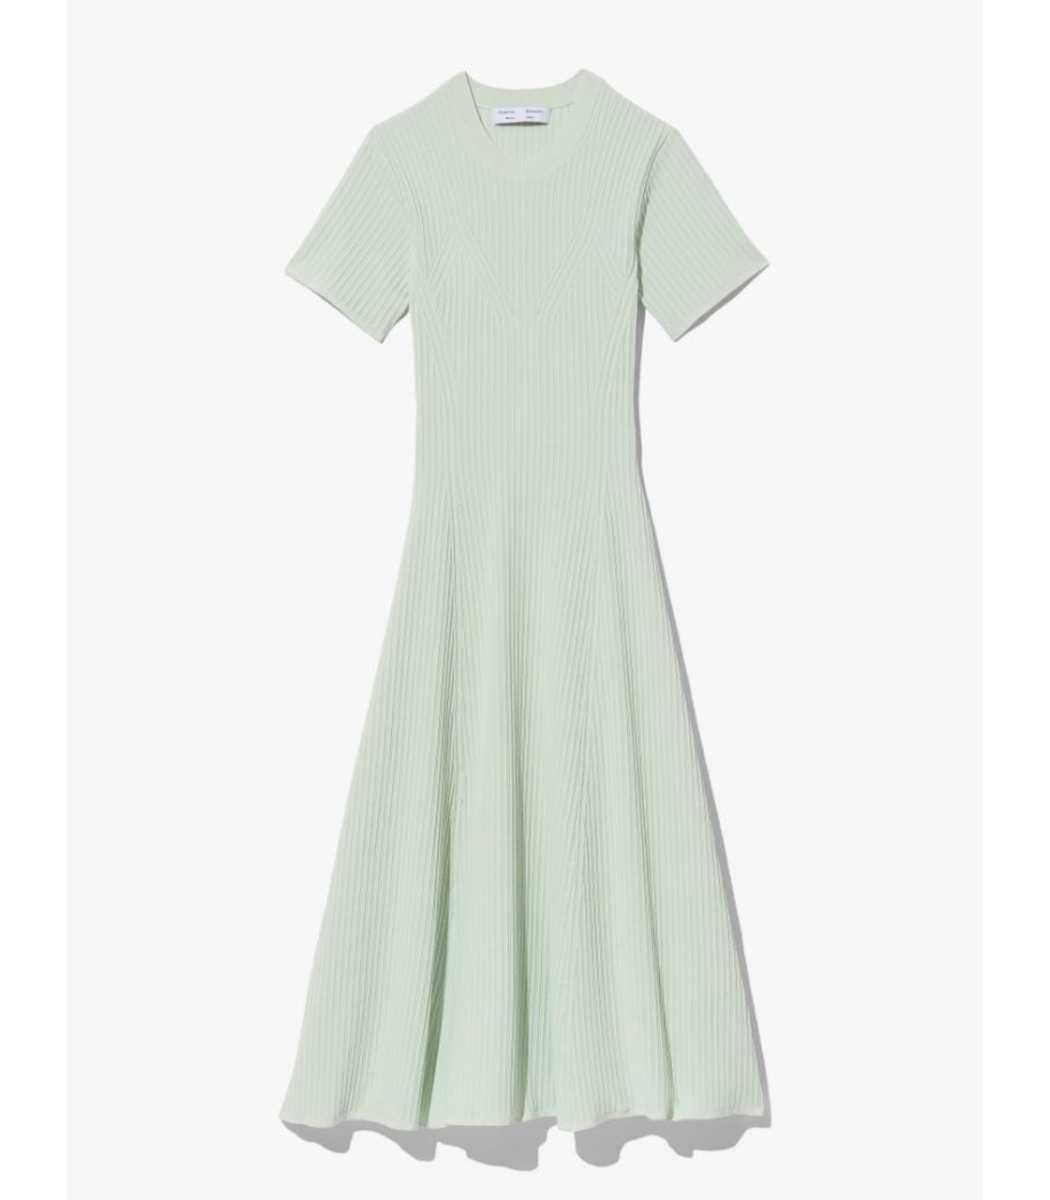 Proenza Schouler White Label Rib Detail Cut Out Dress